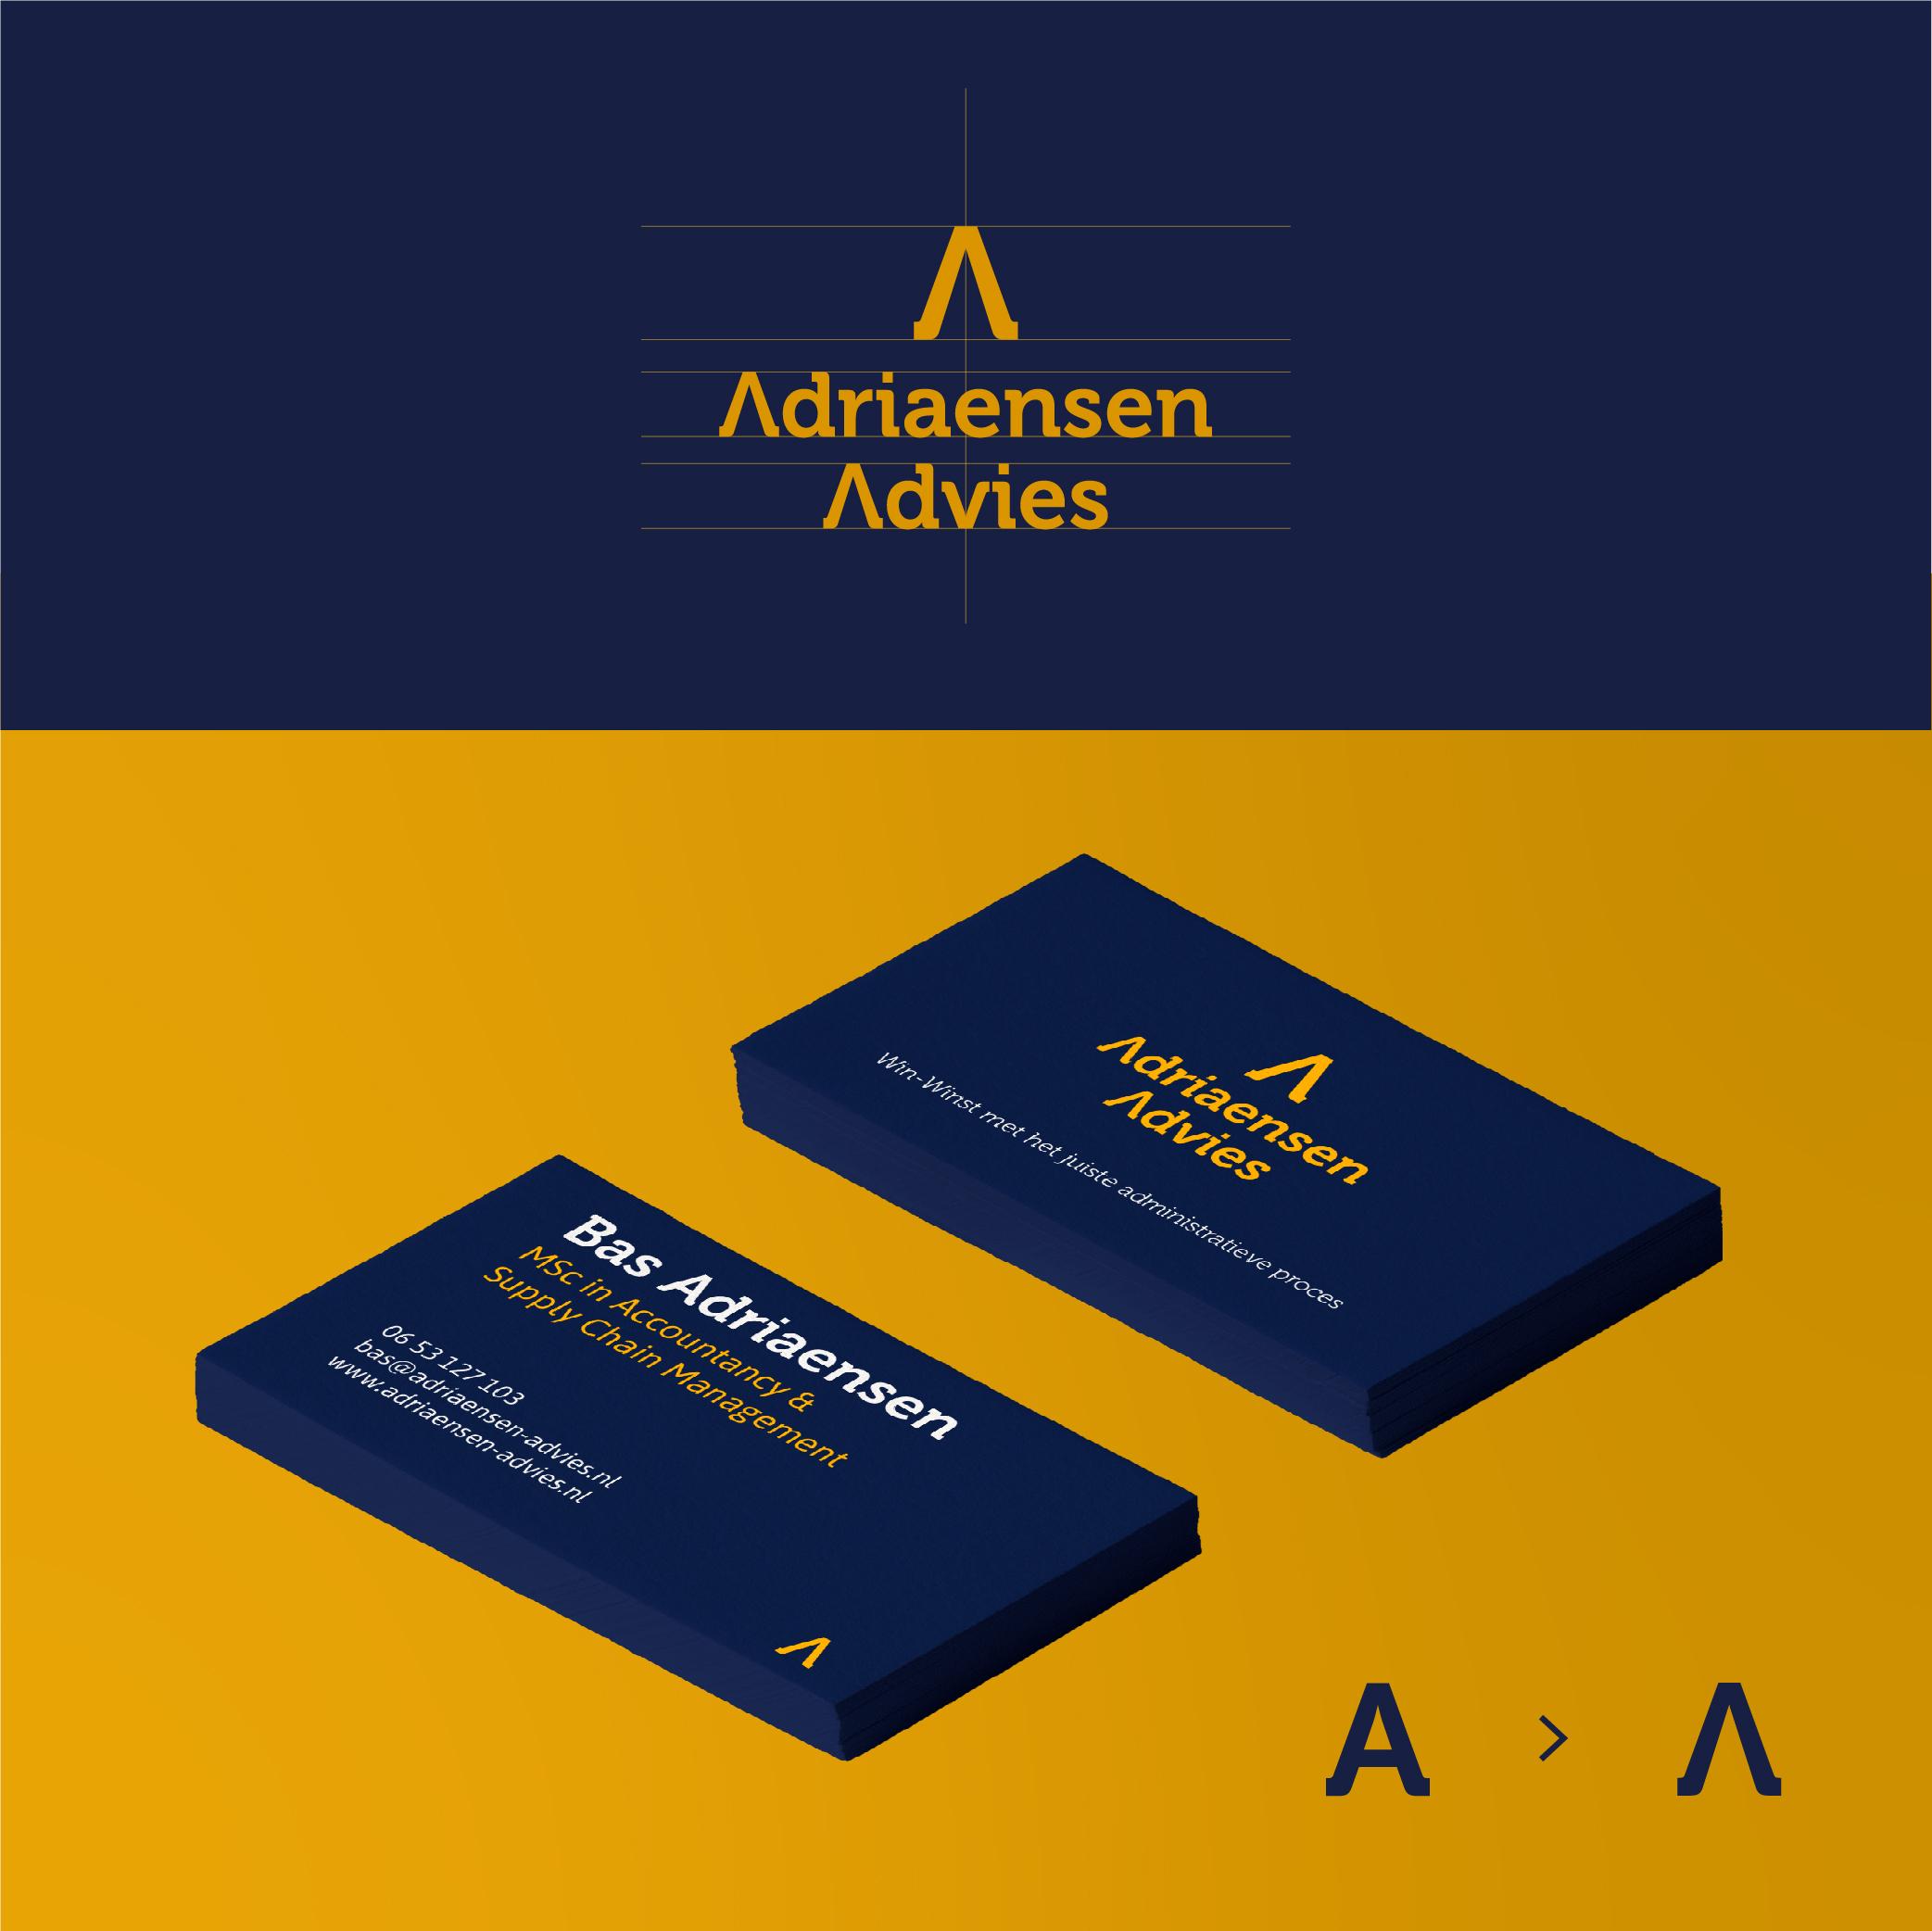 Adriaensen Advies - win-winst